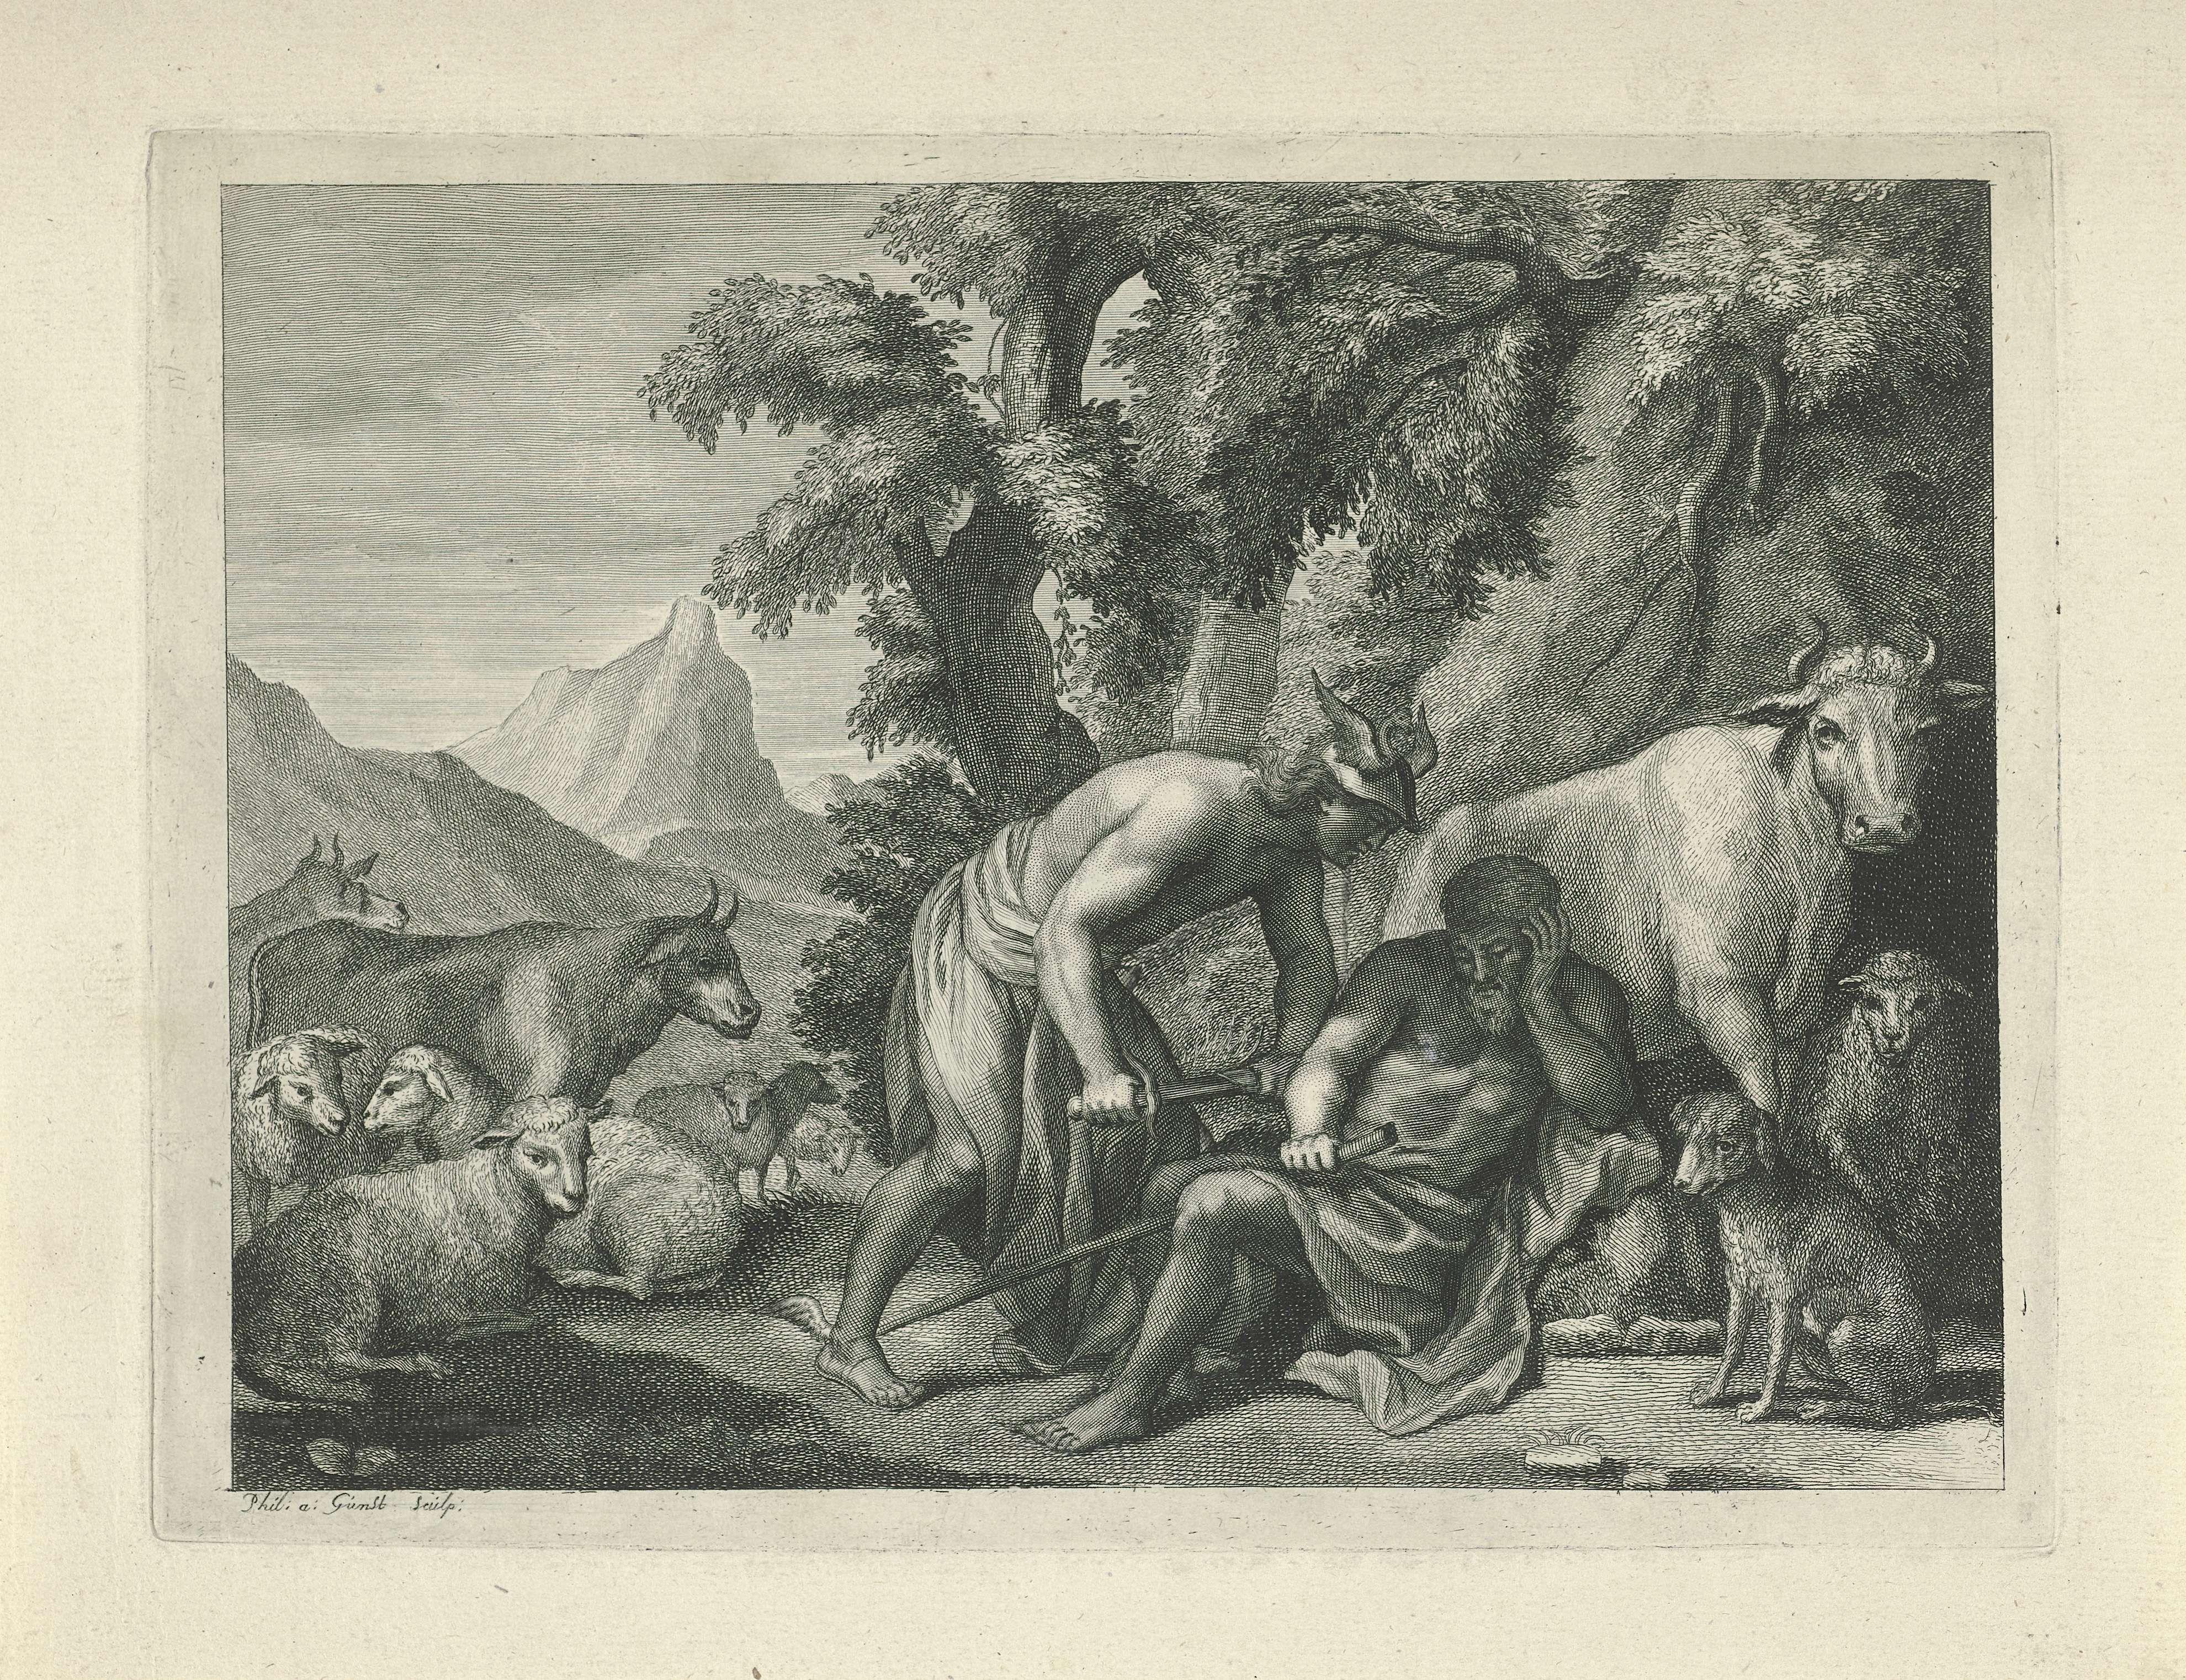 Philip van Gunst | Mercurius doodt Argus in zijn slaap, Philip van Gunst, 1685 - 1732 | De reus Argus is door het muziekspel van Mercurius in slaap gevallen. Mercurius nadert hem met getrokken dolk. Achter Argus de witte koe Io.